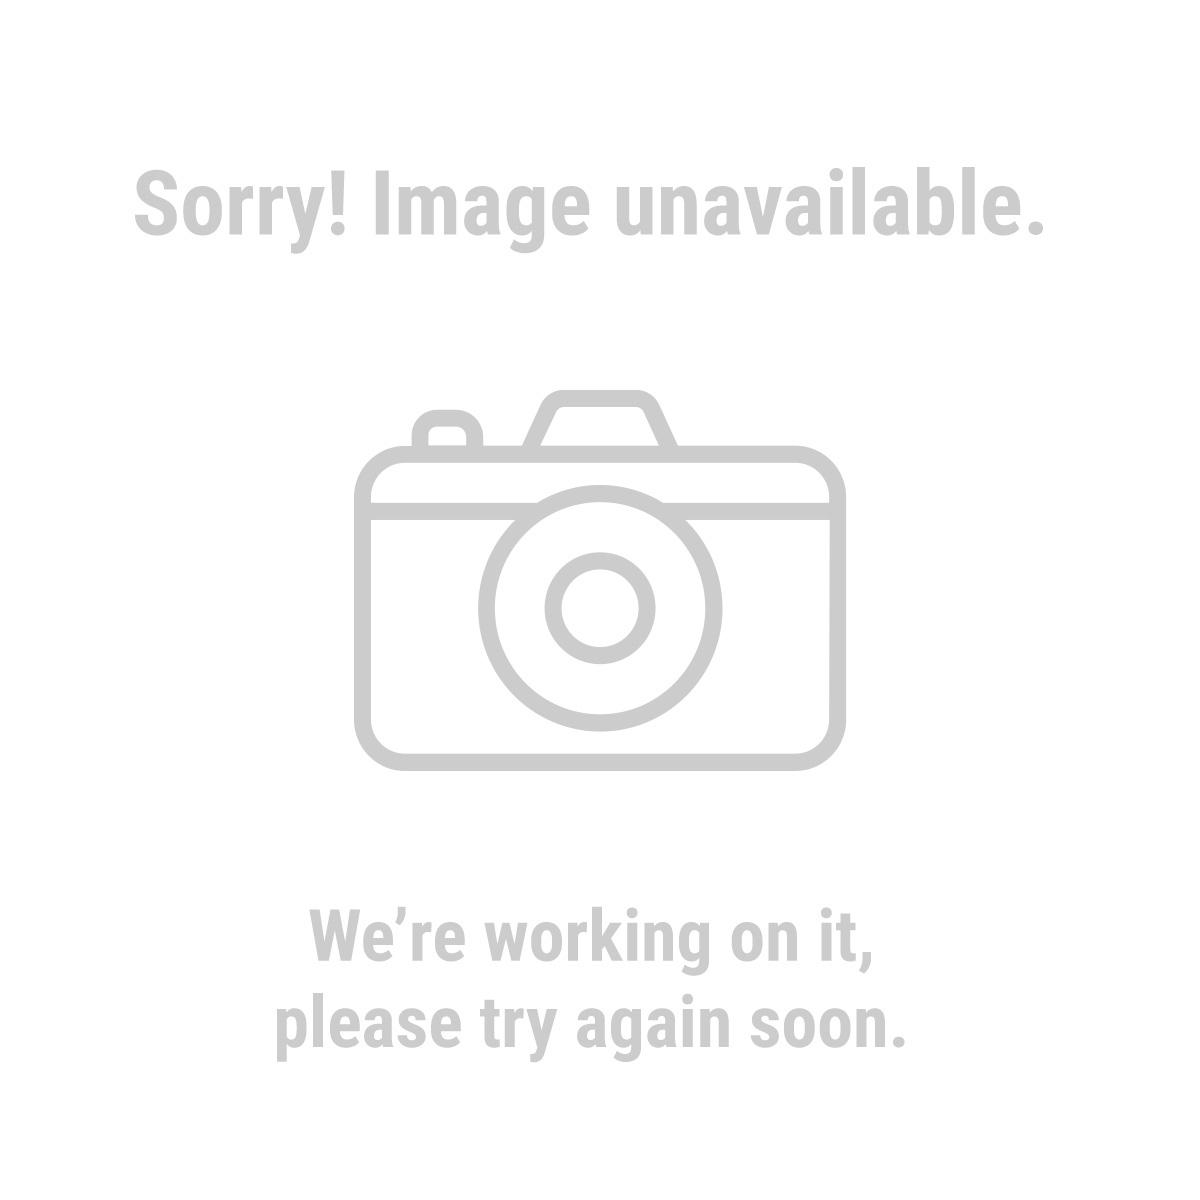 1/3 Horsepower, 3 Gallon, 100 PSI Oilless Pancake Air Compressor